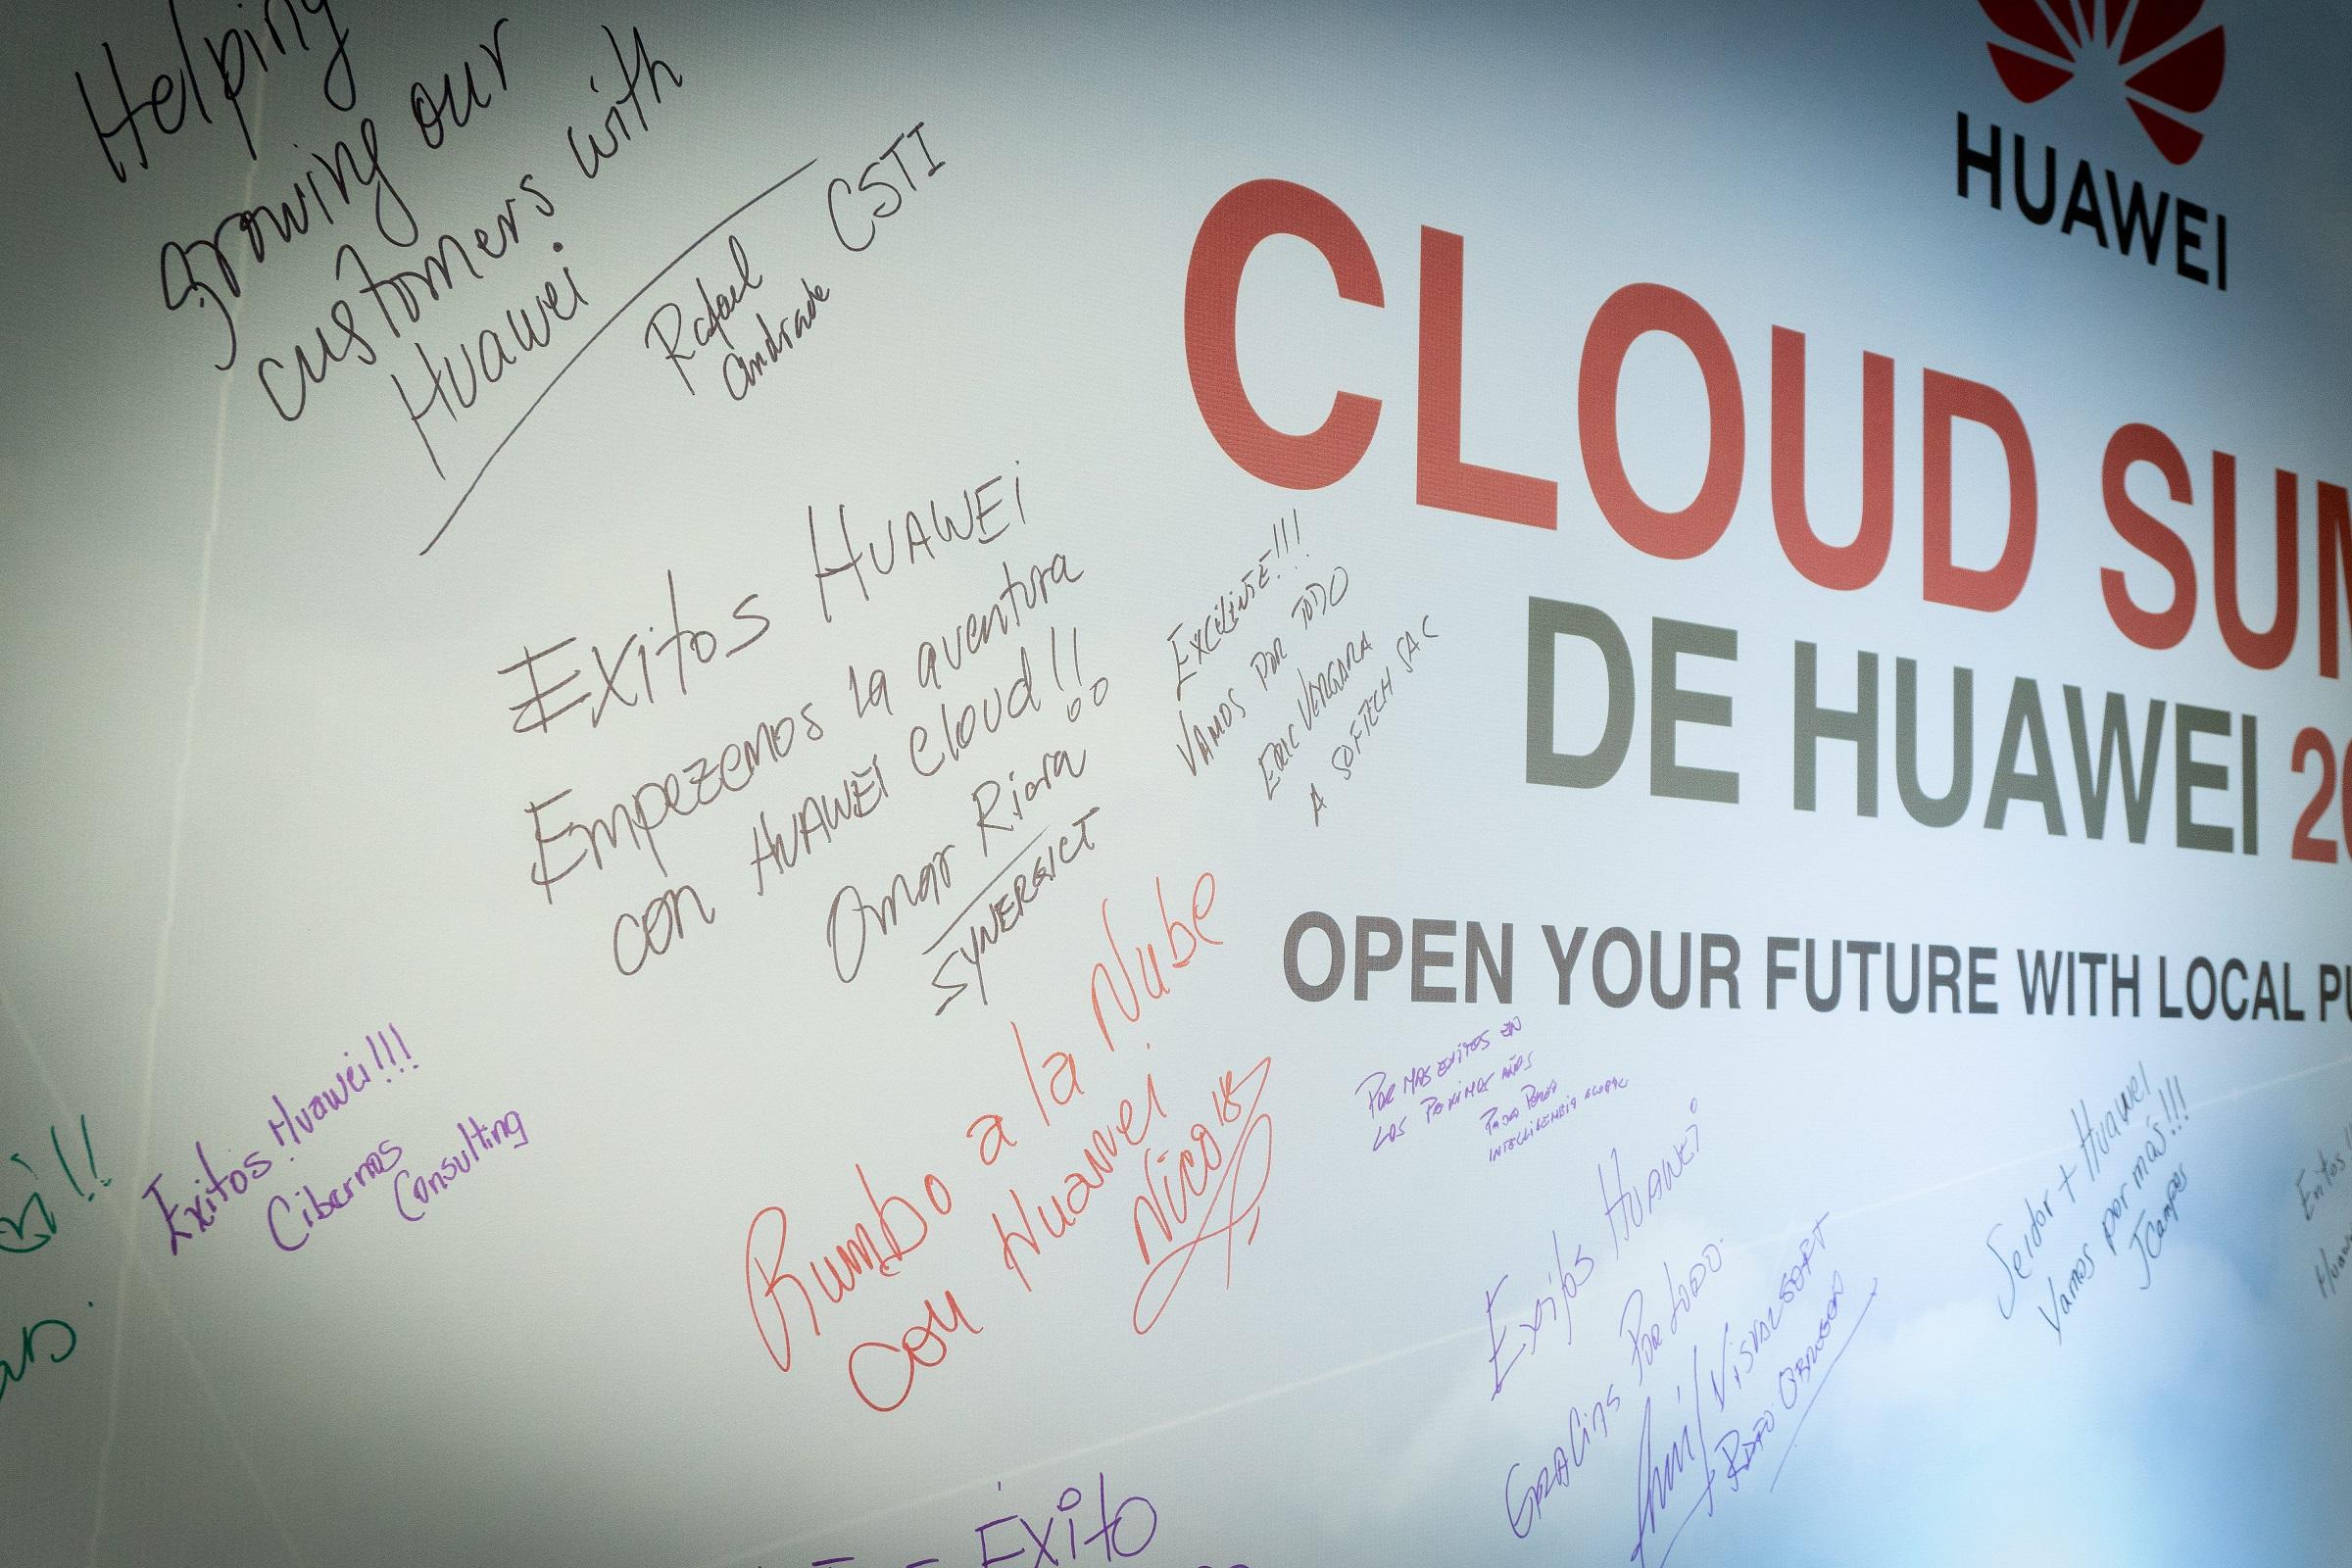 Huawei Cloud Technologies: un conjunto de soluciones de servicios en la nube para empresas, se presentan en el Huawei Cloud Summit en Lima